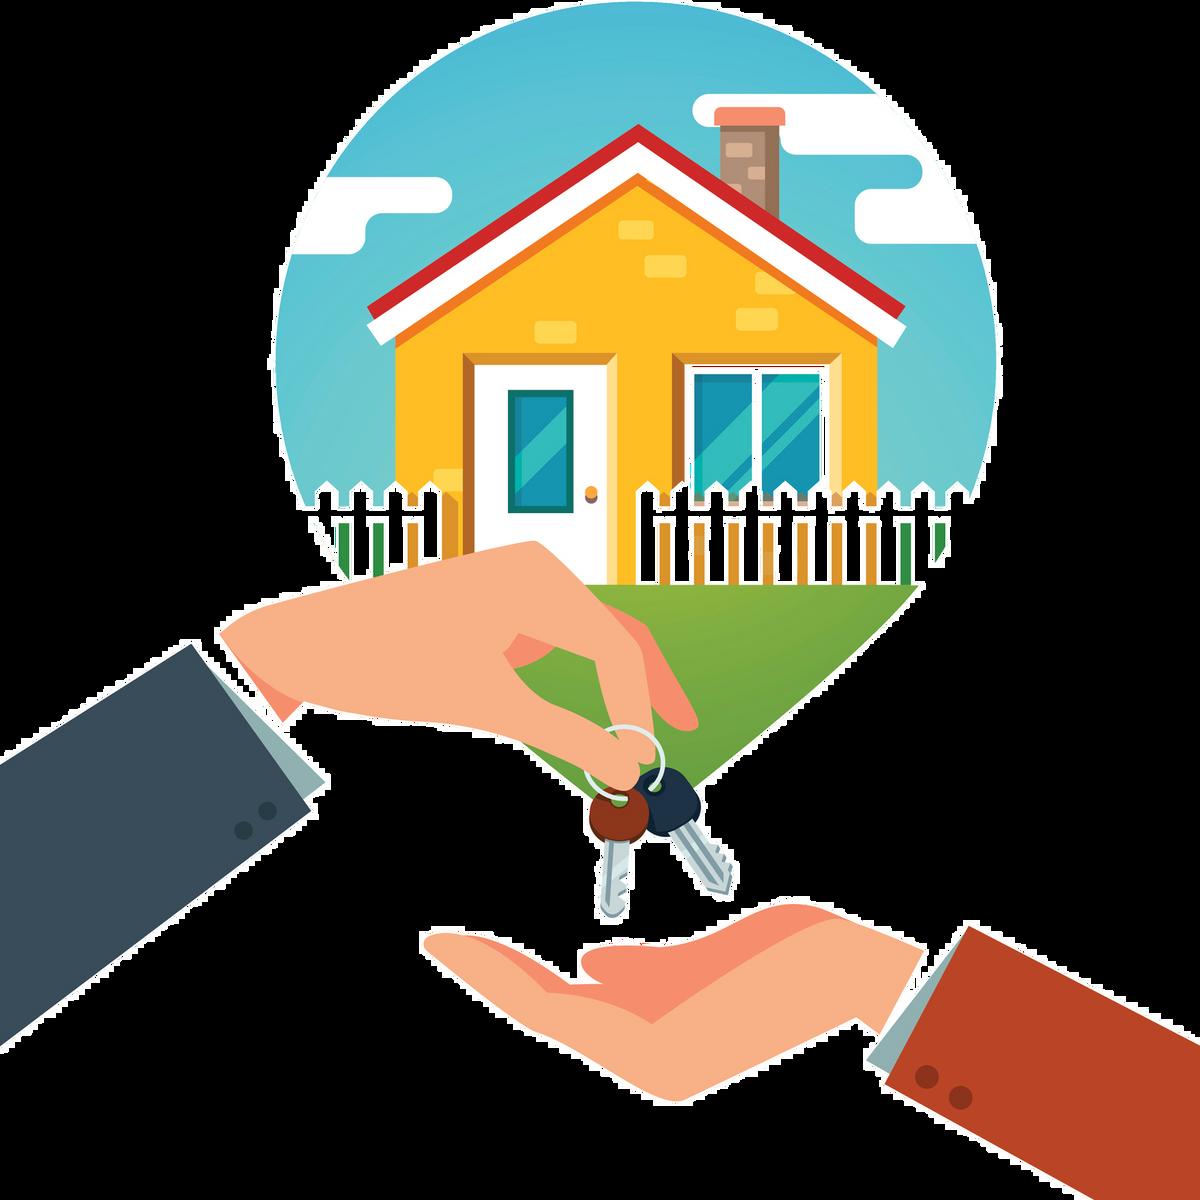 Аренда недвижимости: юридические тонкости